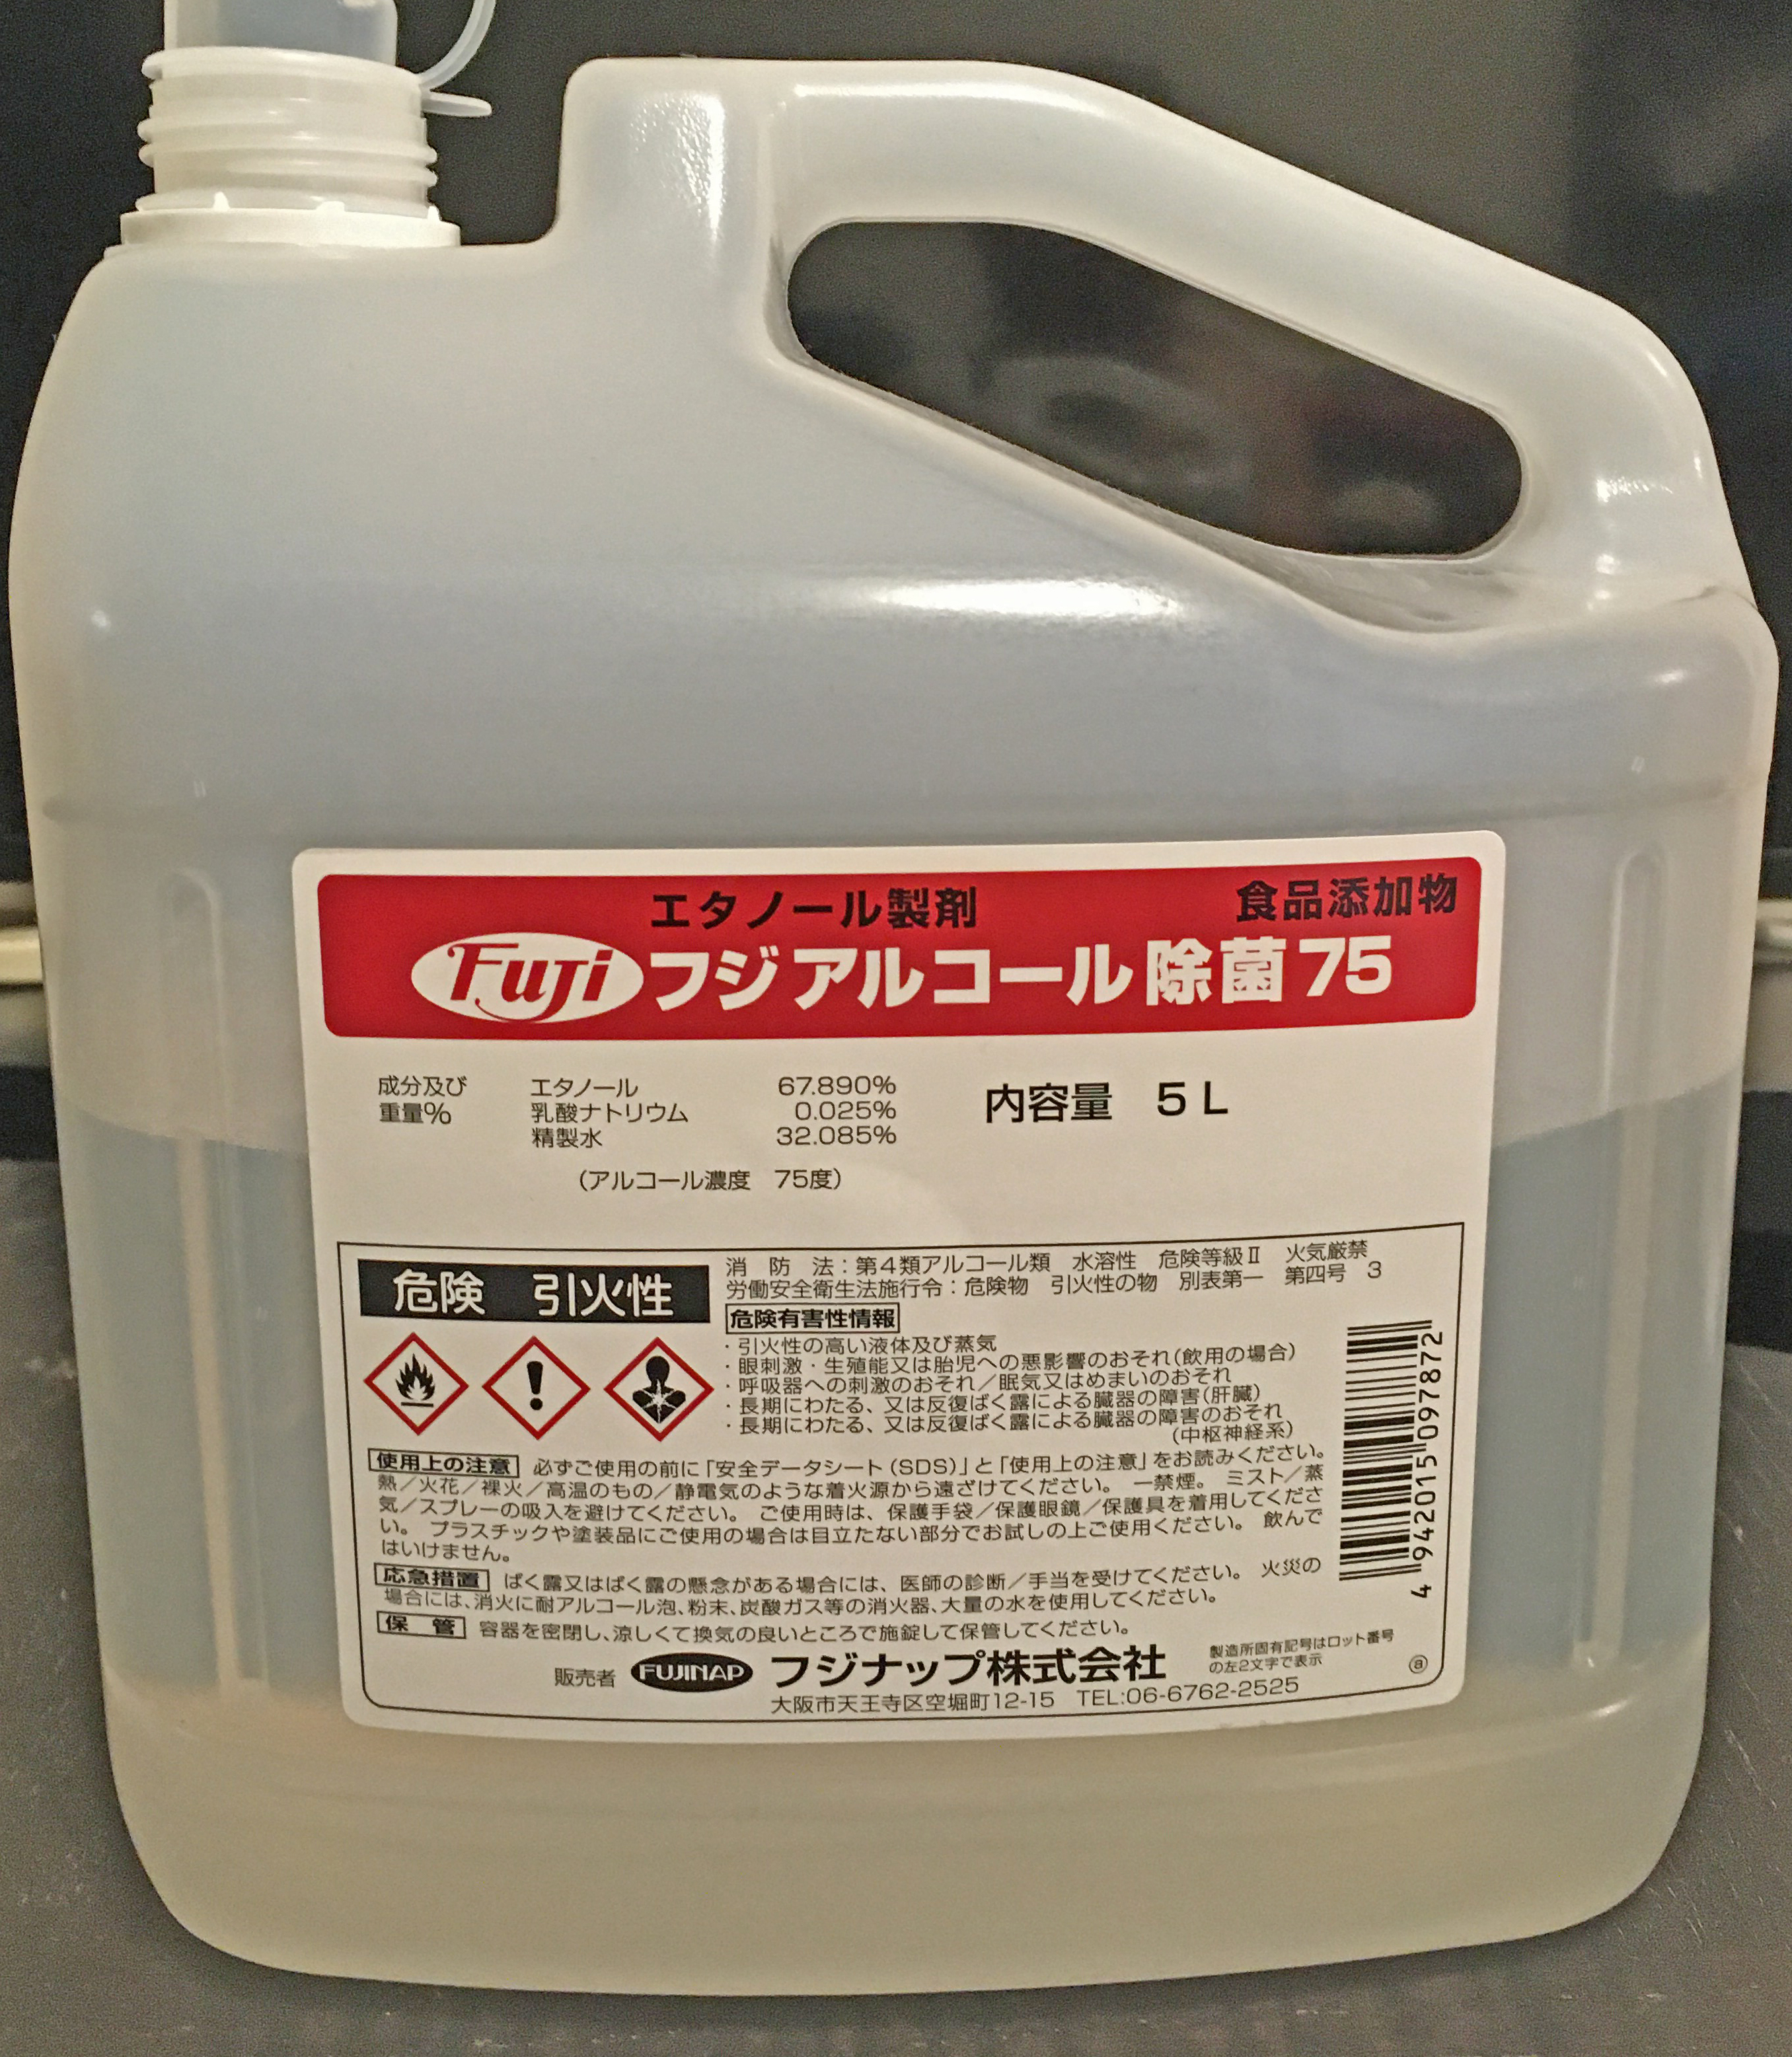 殺菌アルコールスプレー75%